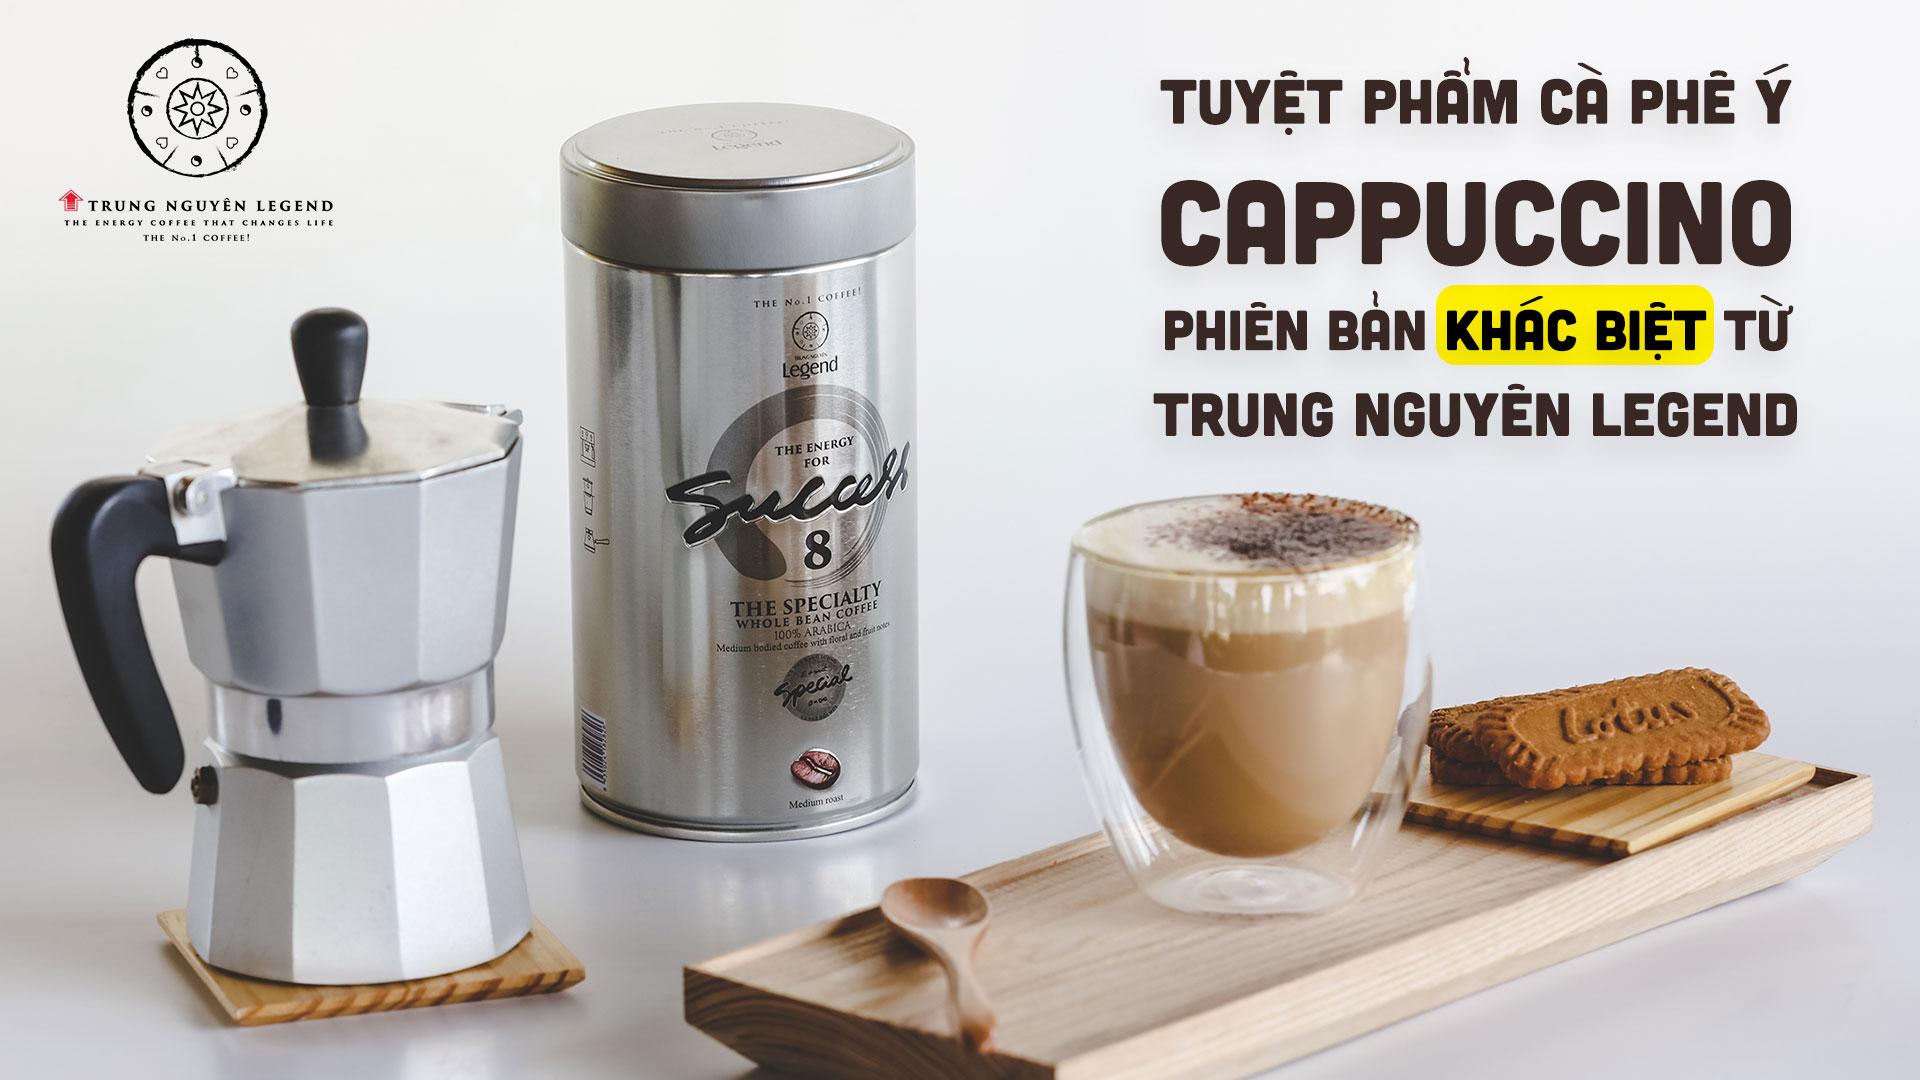 Tuyệt phẩm cà phê Ý Cappuccino phiên bản khác biệt từ Trung Nguyên Legend